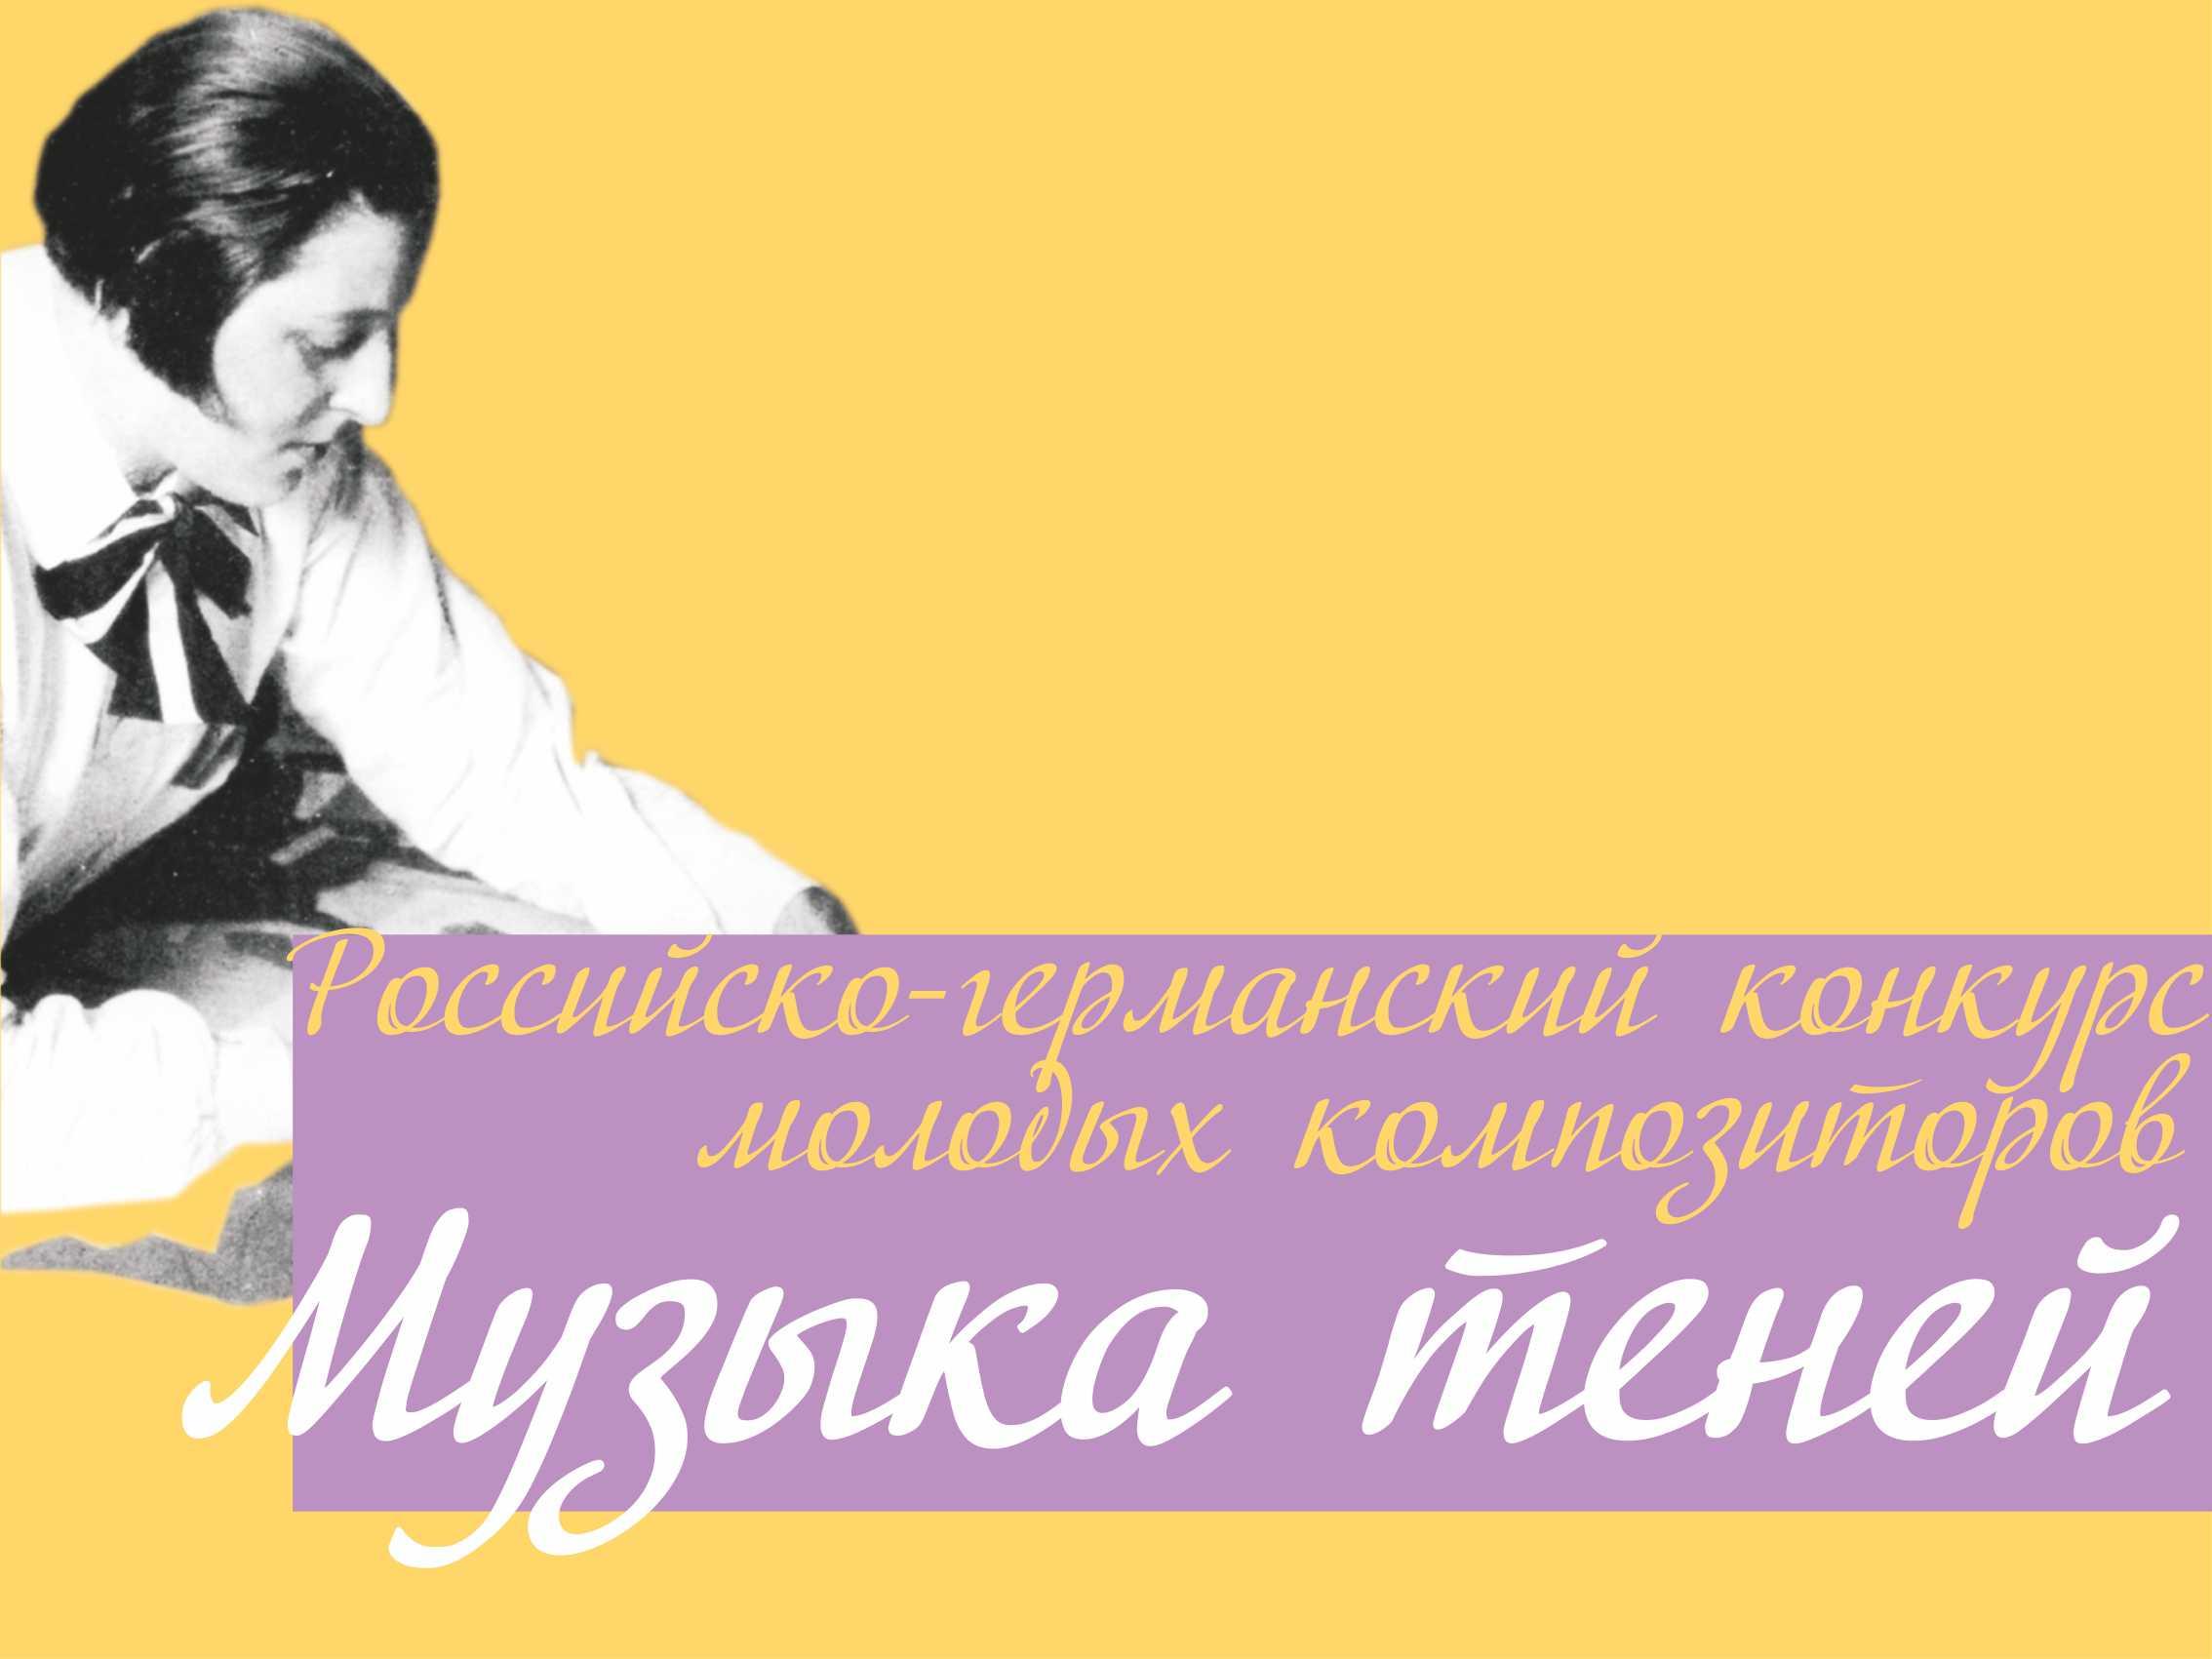 Финал российско-германского конкурса молодых композиторов «Музыка теней»